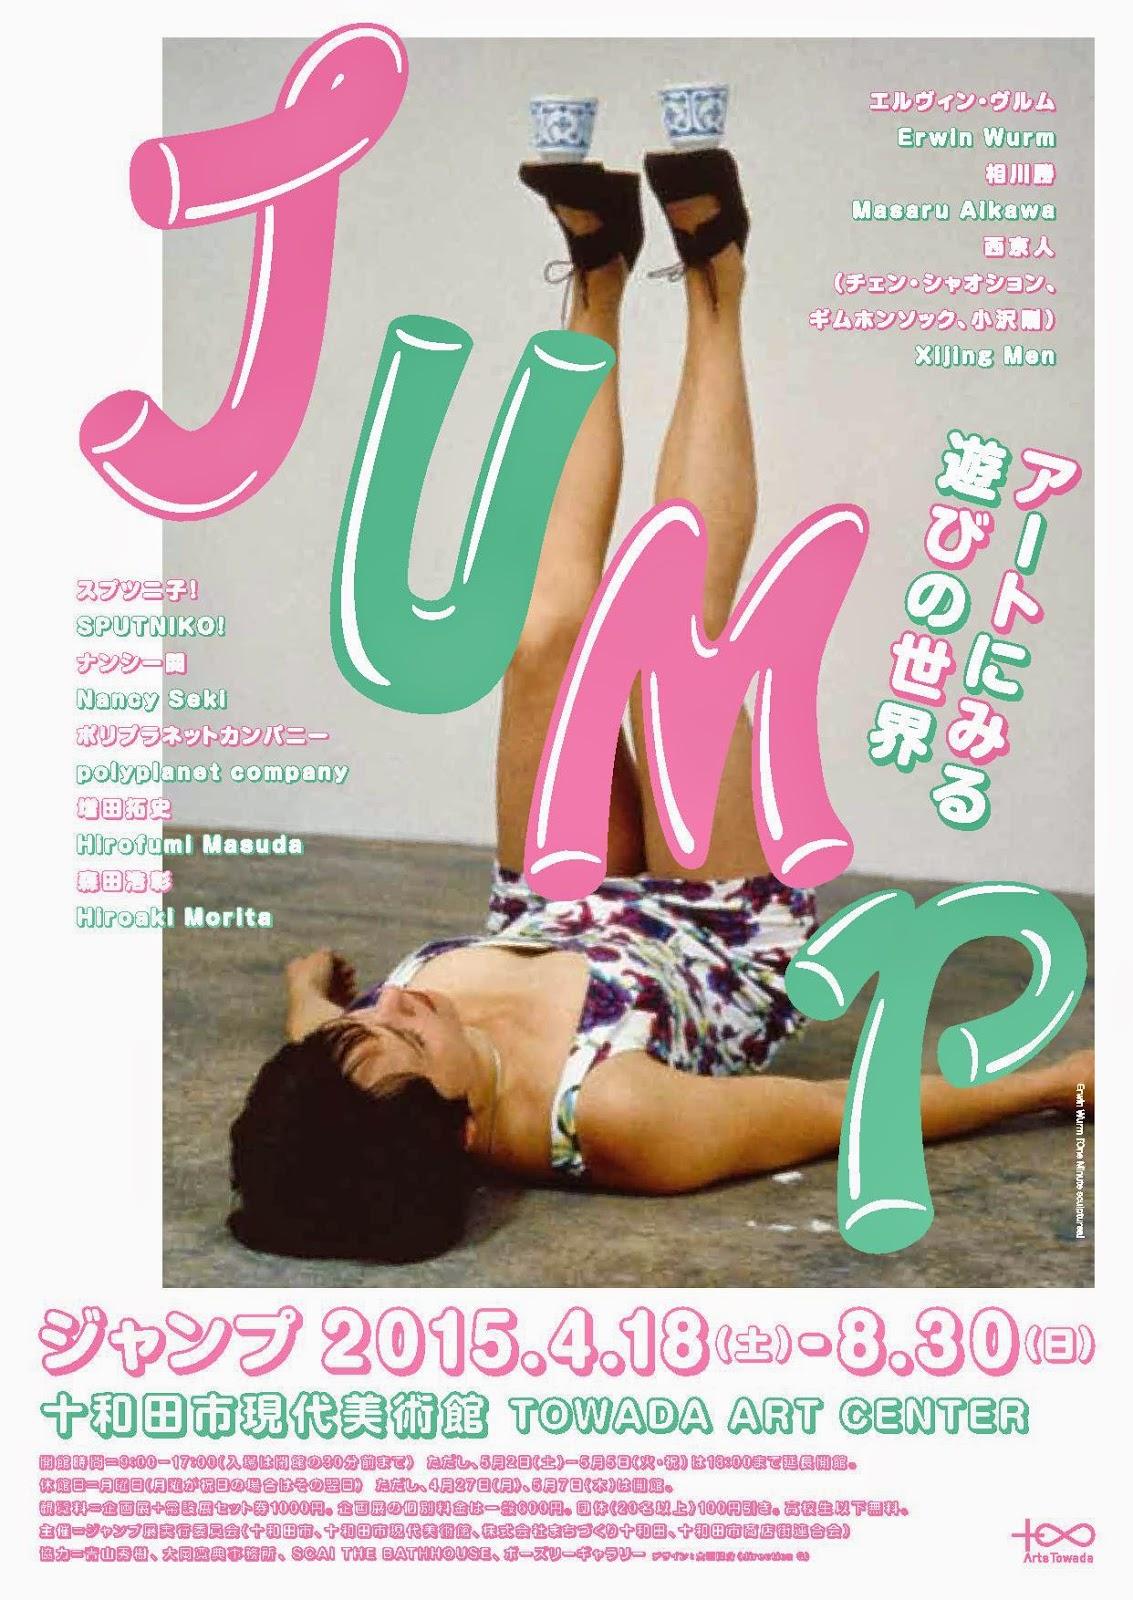 Towada Art Center Special Exhibit JUMP flyer front 十和田現代美術館  特別展示 ジャンプ チラシ表